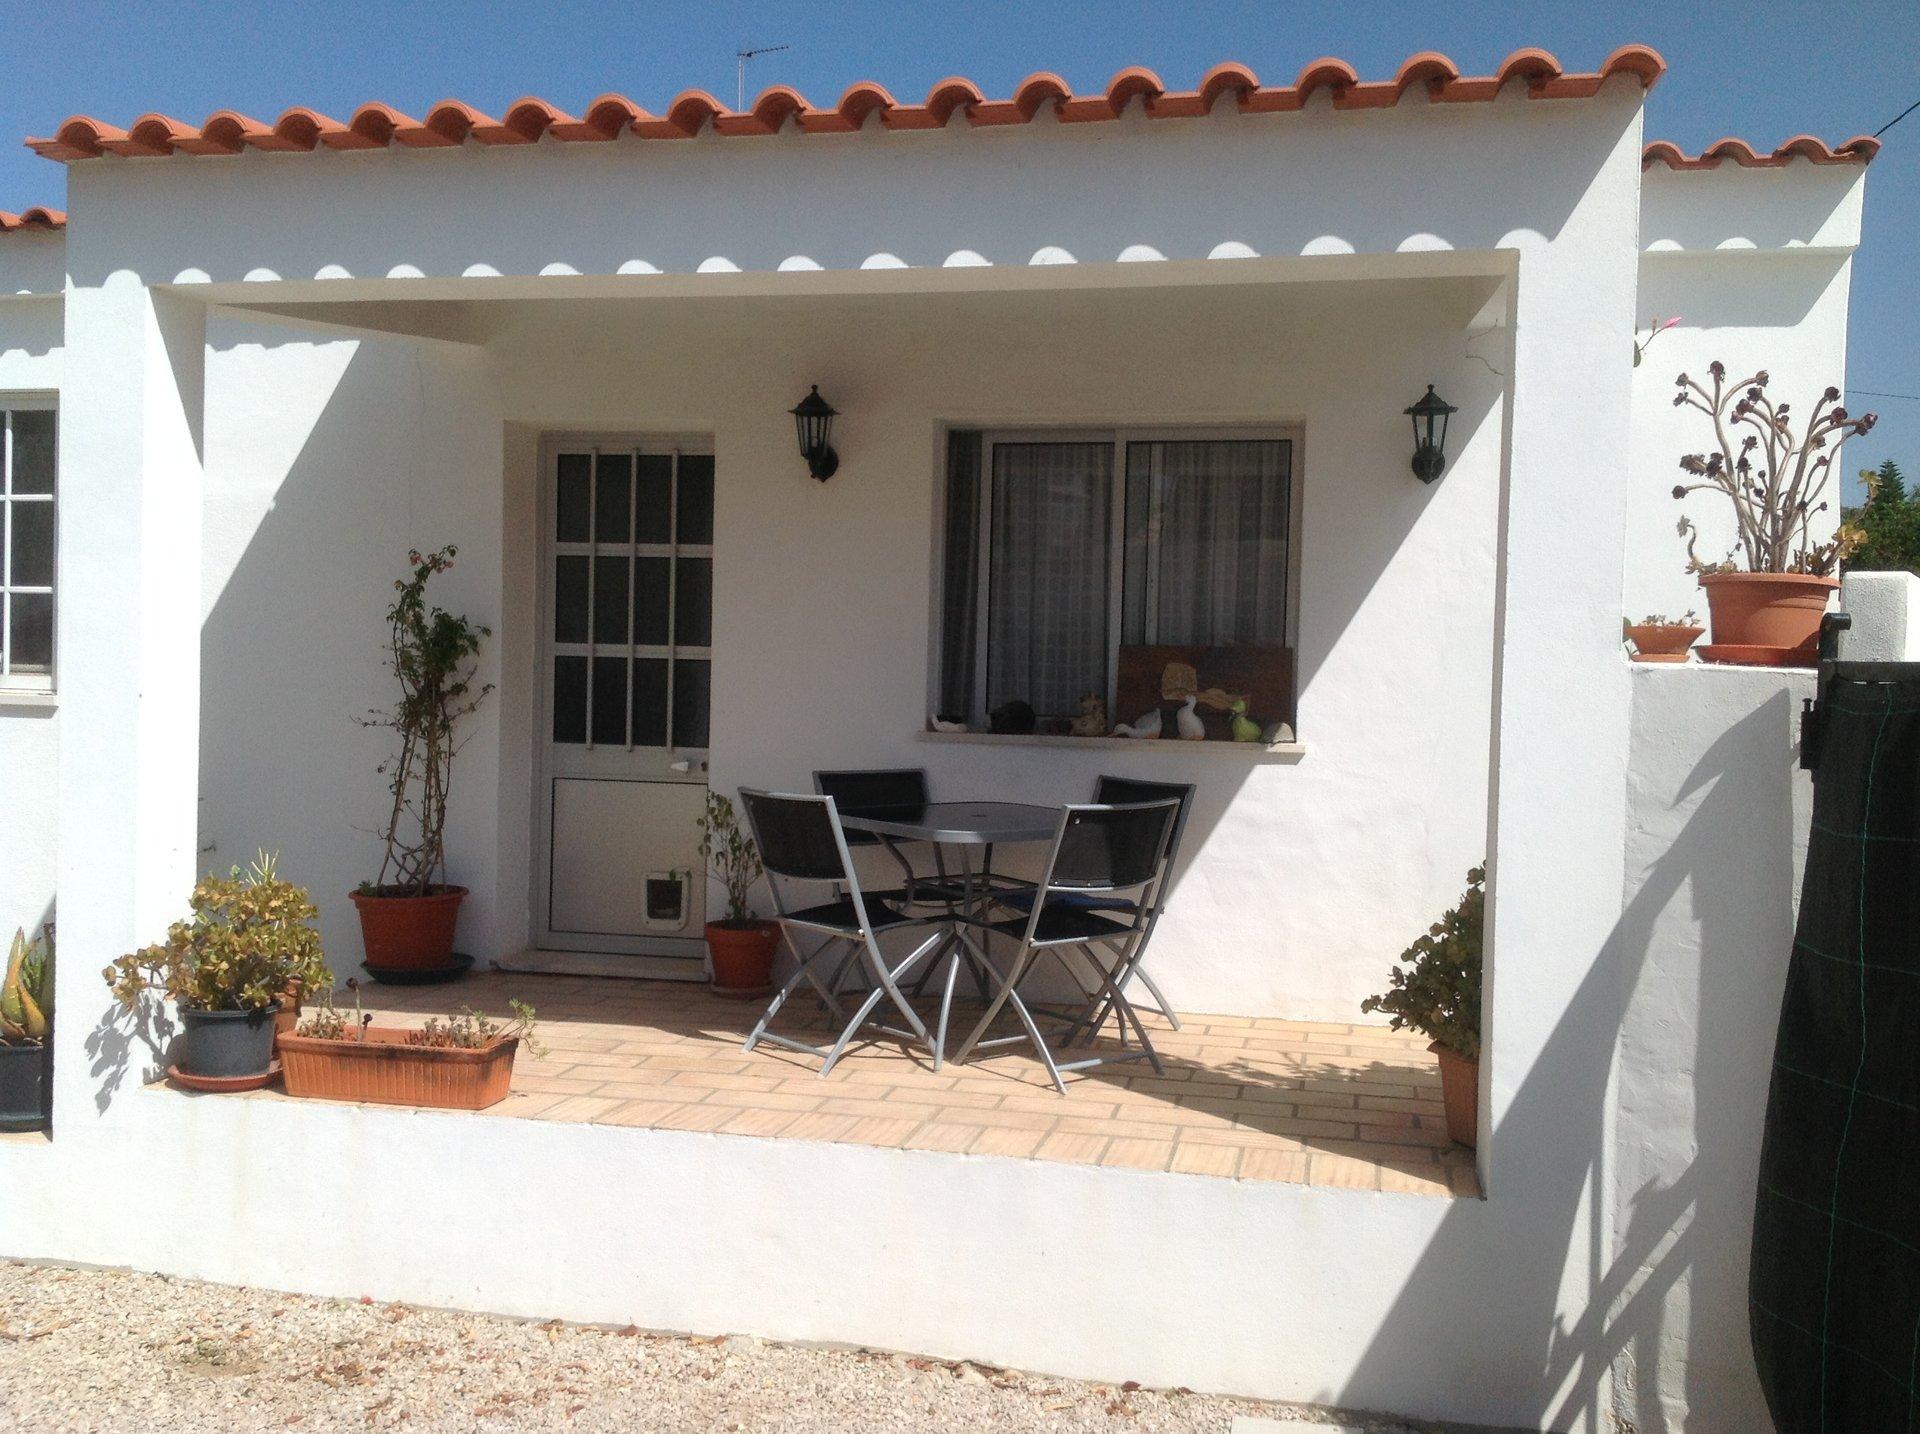 6 Bedroom Villa Sao Bras de Alportel, Central Algarve Ref: JV10272